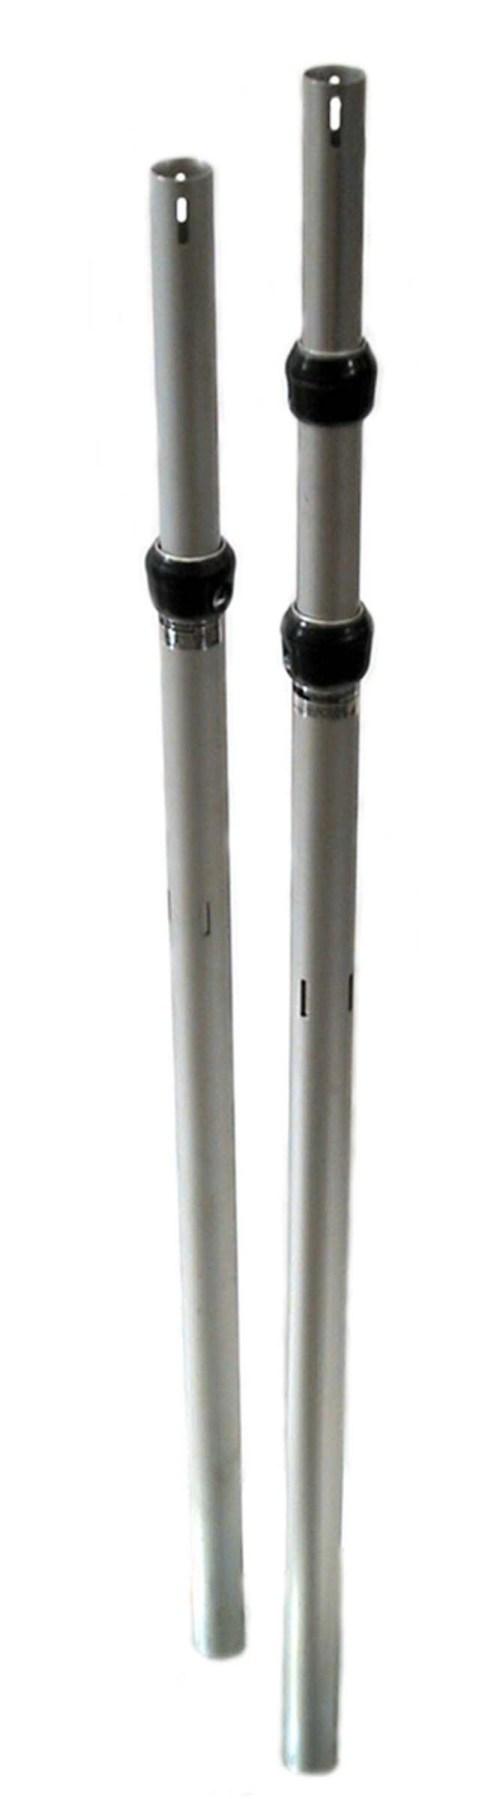 Adjustable Pipe & Drape Uprites